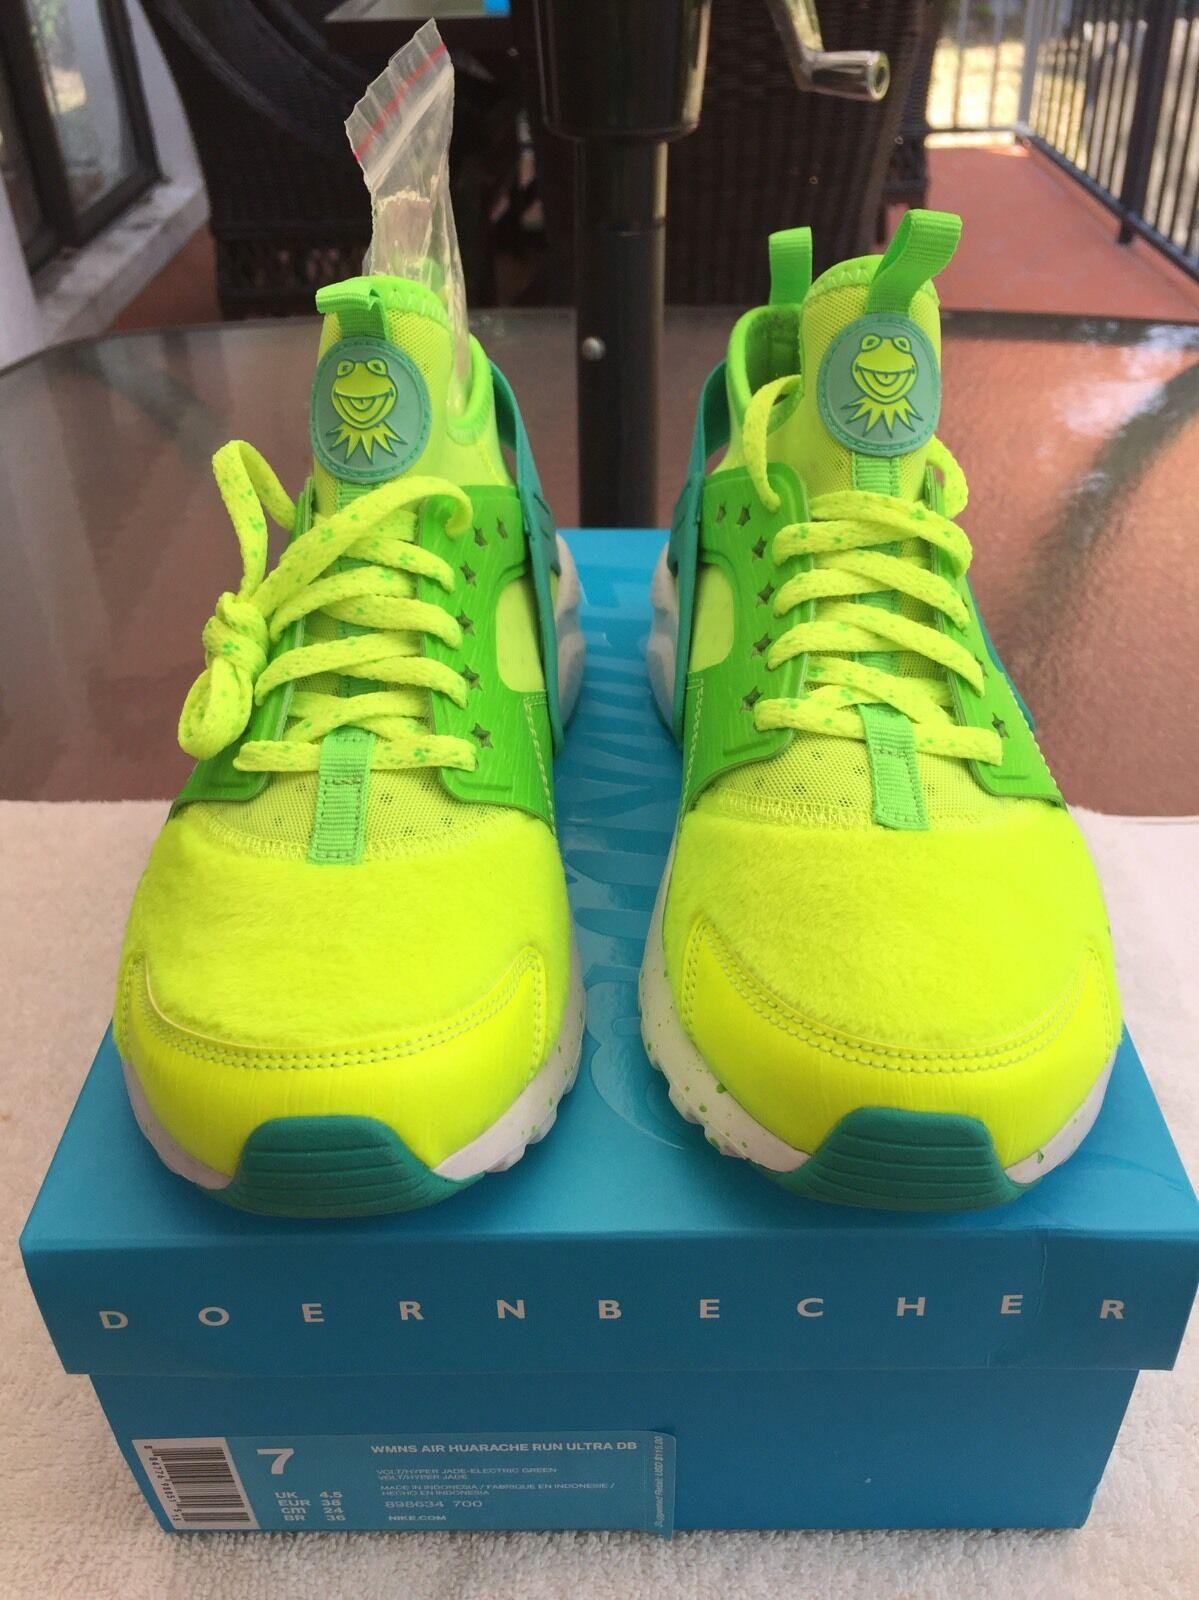 Nike Air Huarache Run Ultra DB Doernbecher Jade Kermit 898634 700 Women's Sz 7